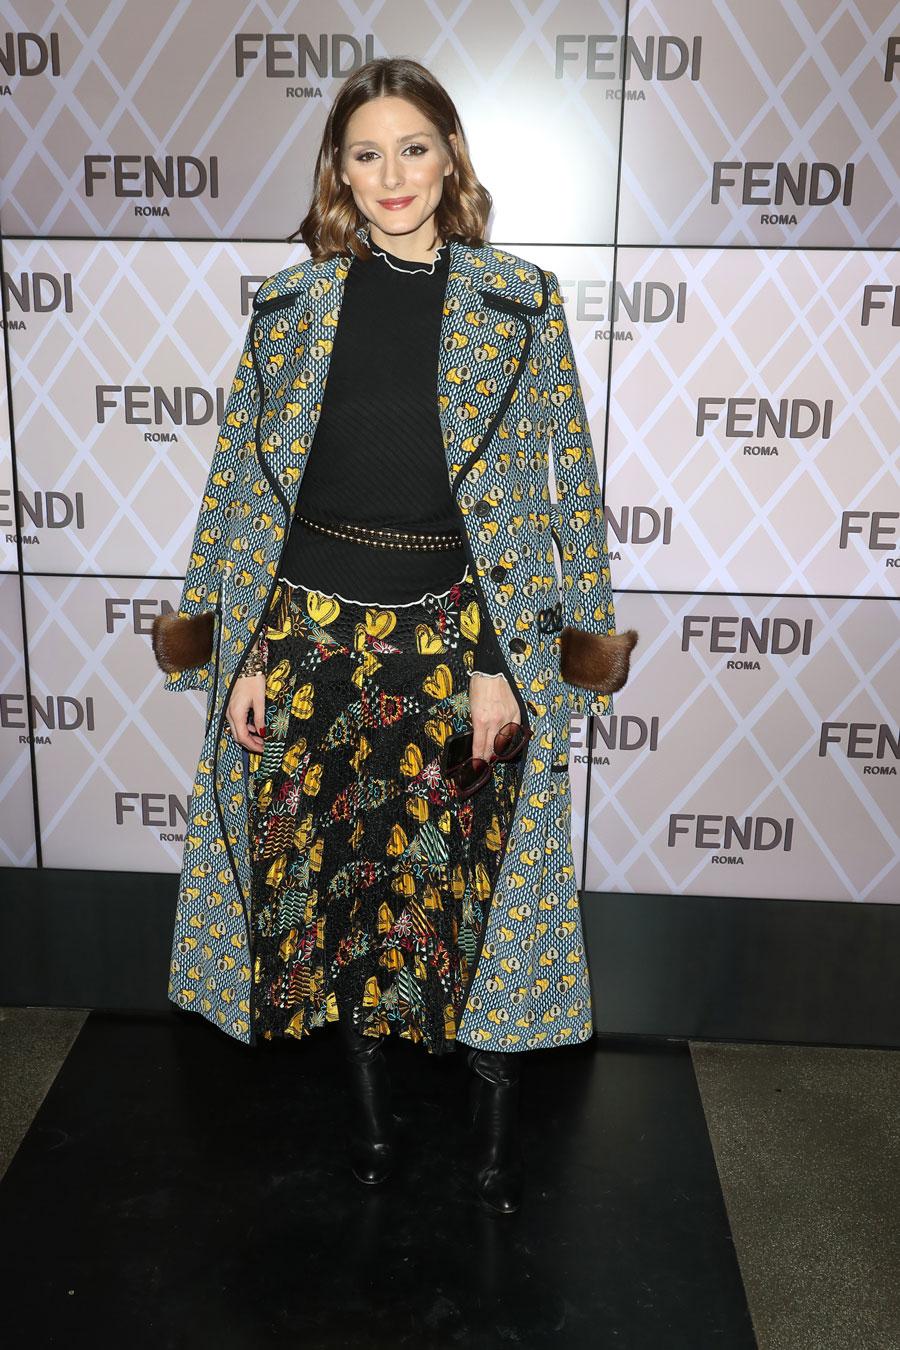 Estampados de moda  la perfecta combinación de Olivia Palermo - InStyle dc8afb465abe